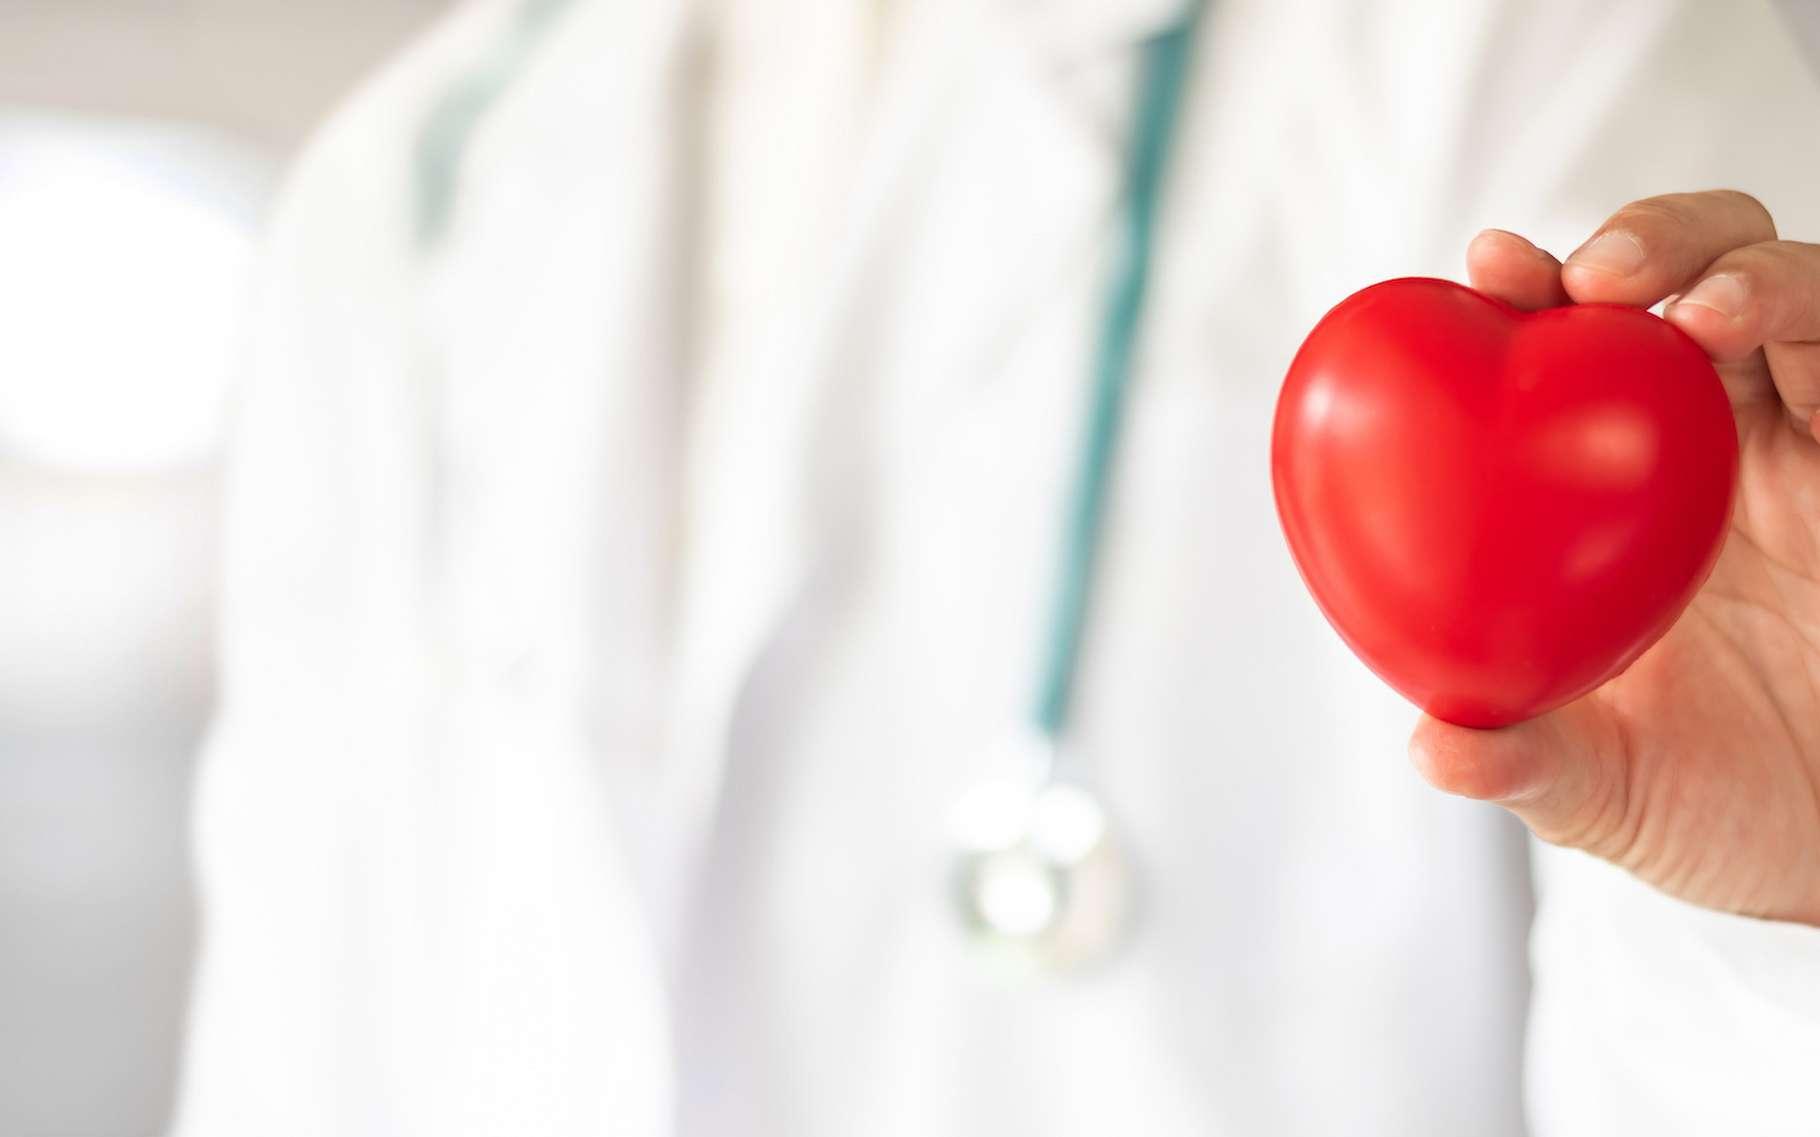 L'être humain semble être le plus vulnérable aux maladies cardiovasculaires de tous les mammifères. Des chercheurs de l'université de Californie à San Diego (États-Unis) pensent avoir compris pourquoi. © Chinnapong, Fotolia